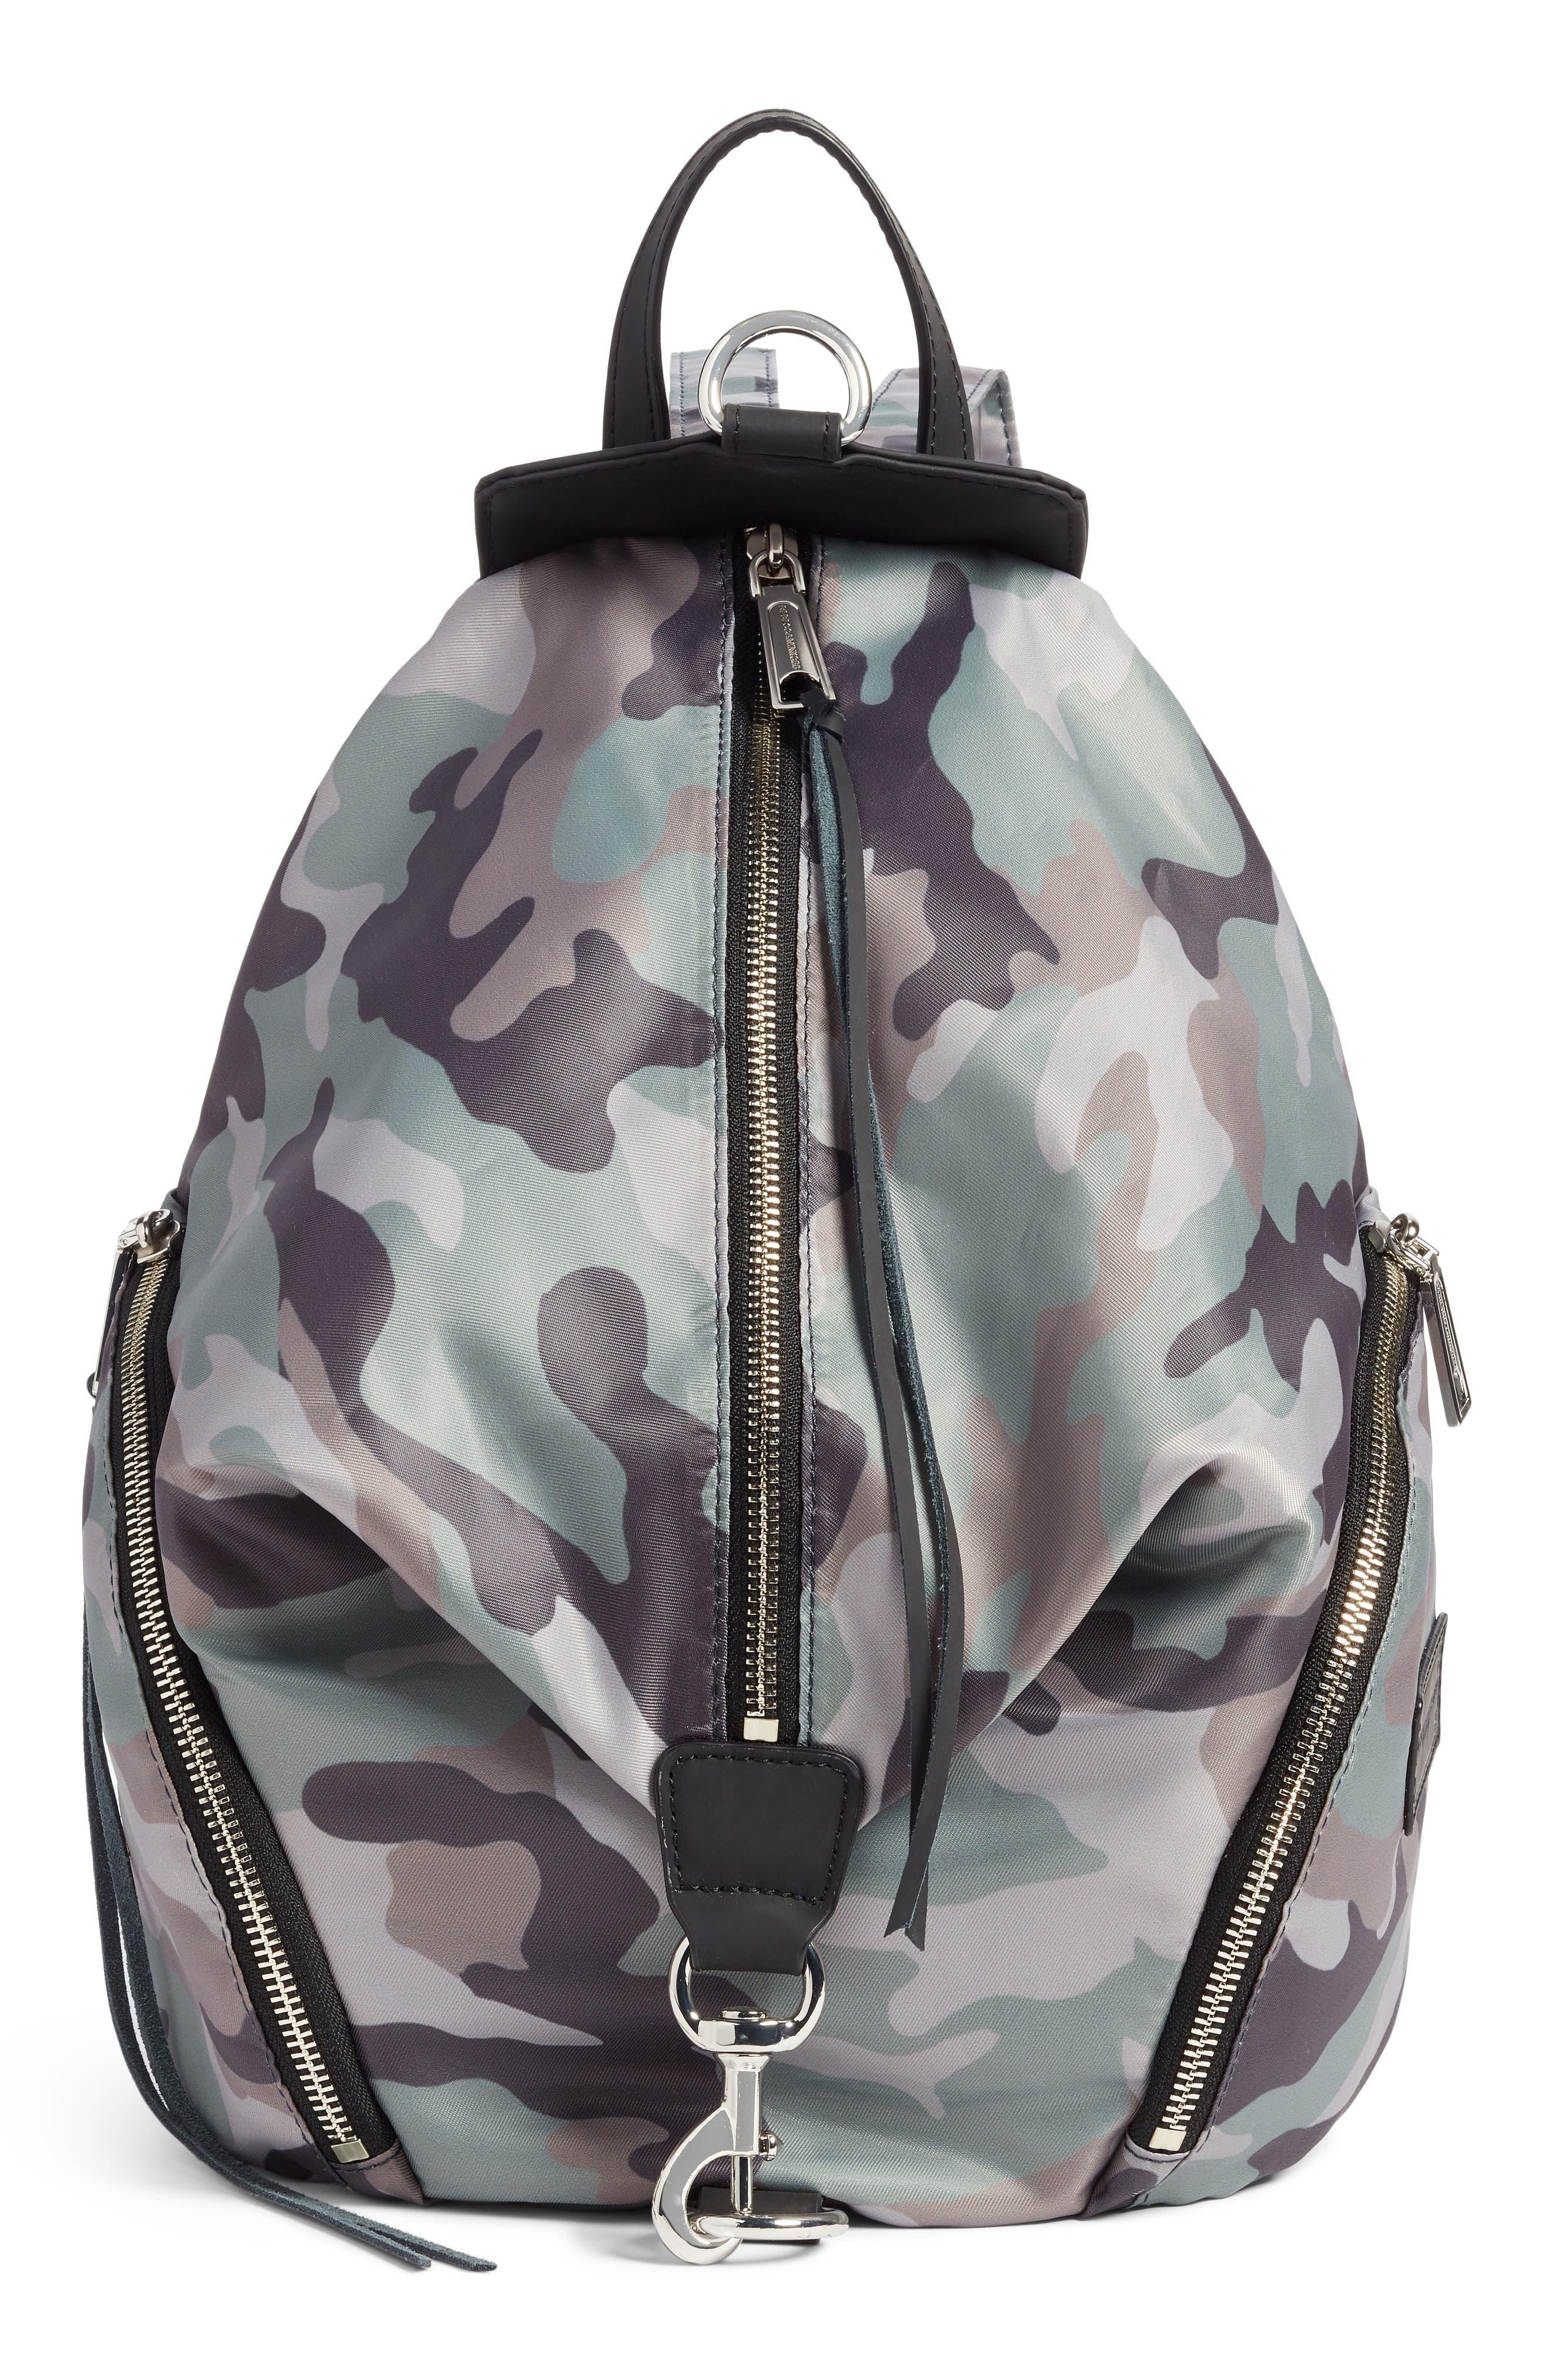 REBECCA MINKOFF Julian Nylon Backpack - Green in Camo Print